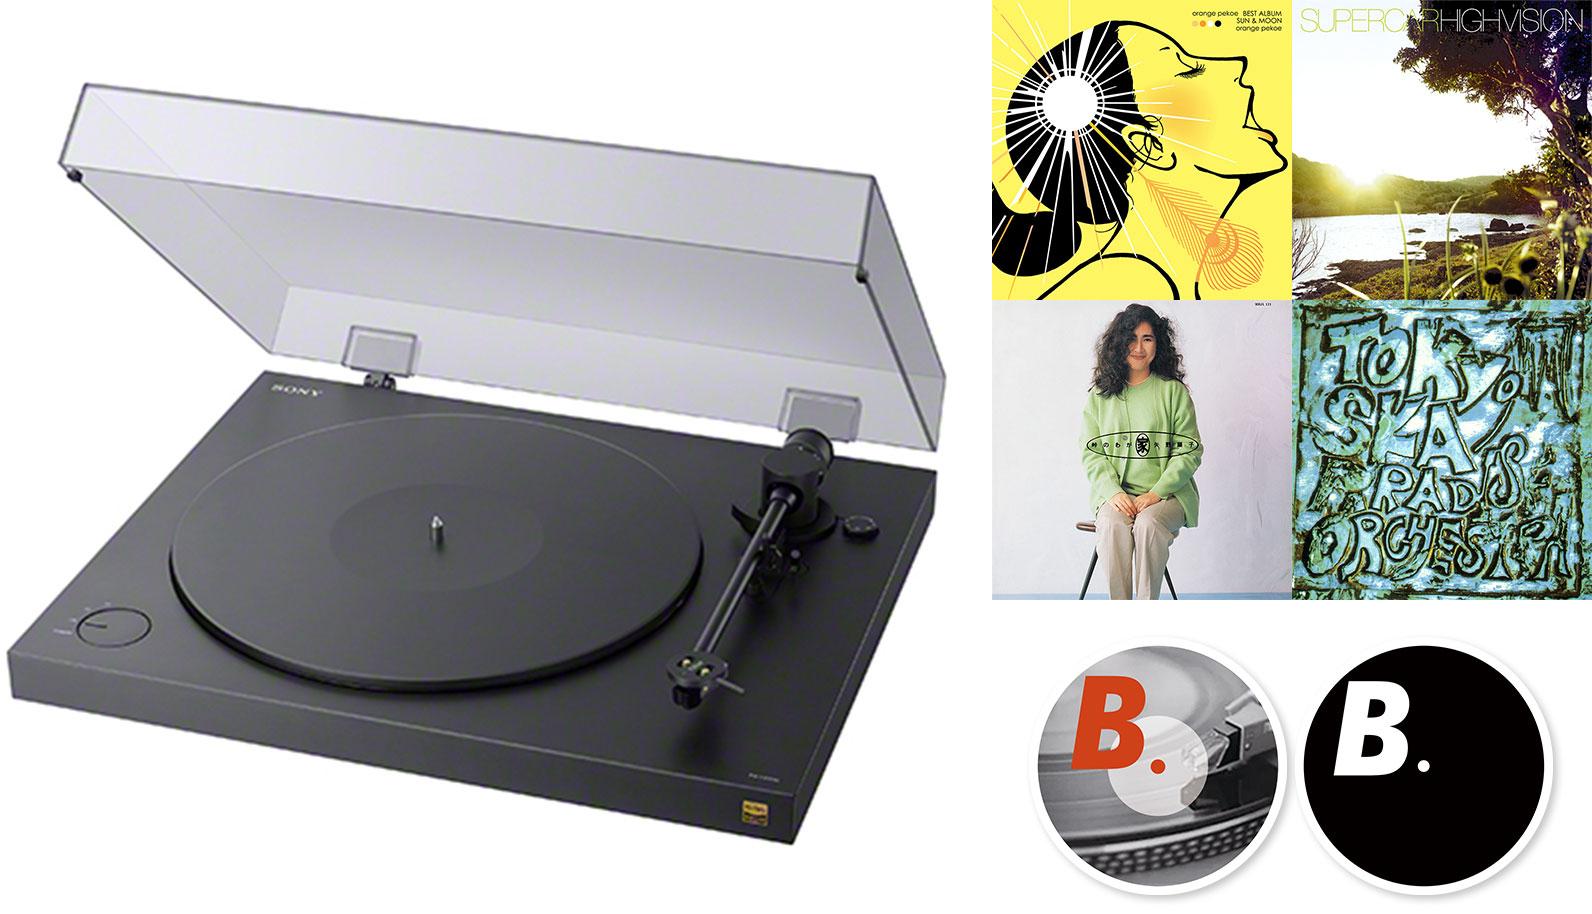 レコードプレーヤーPS-HX500/アナログレコード(1タイトル)/WEBマガジン「B」オリジナルステッカー